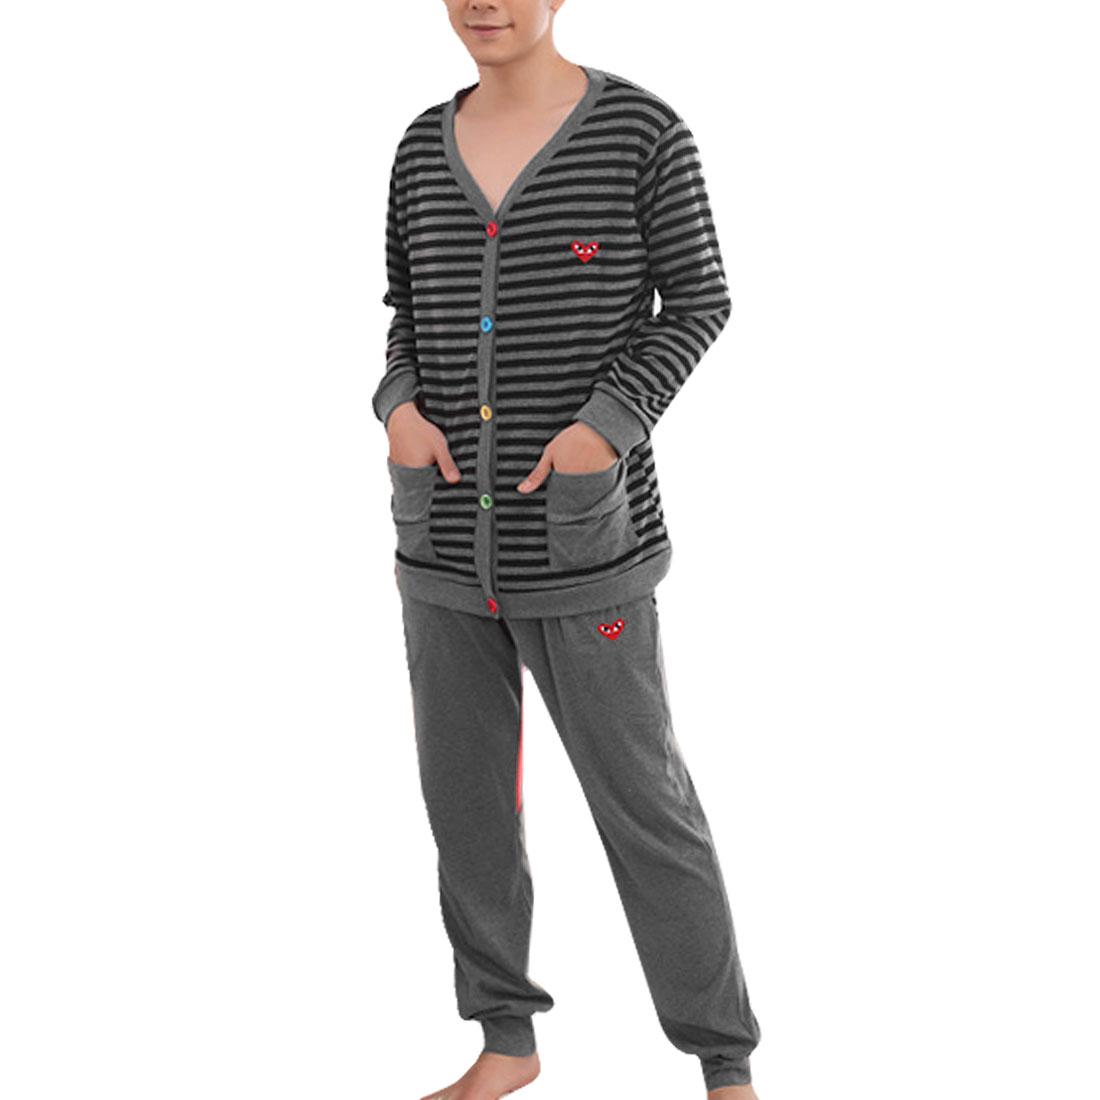 Men Patch Pocket Stripes Print Top + Cartoon Design Pants Suits Gray Navy Blue L